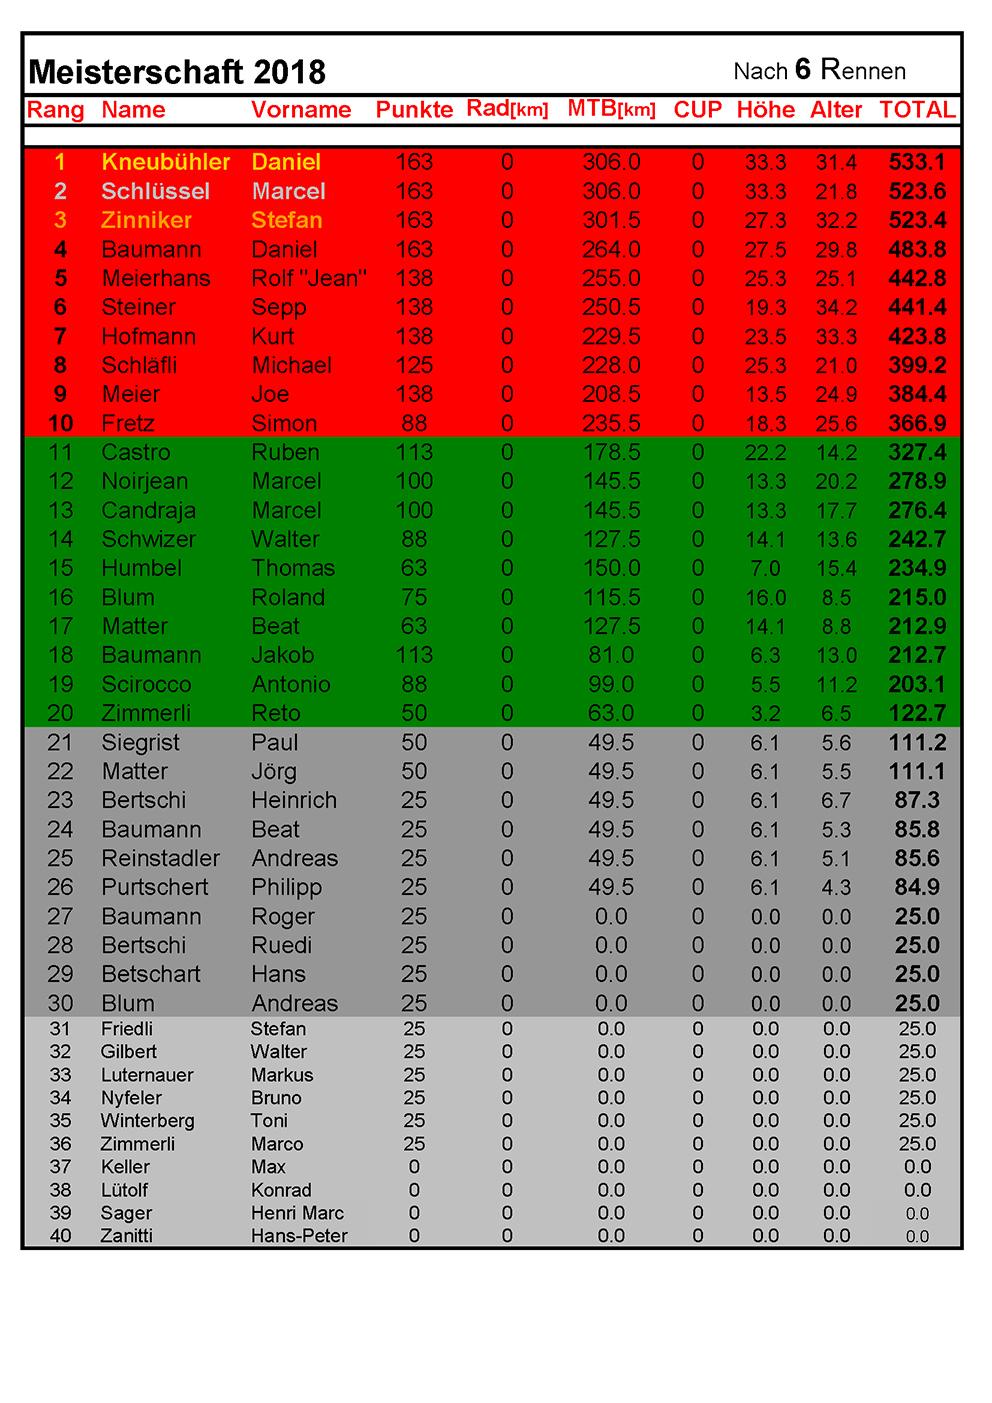 Rangliste2018 - nach 06Rennen